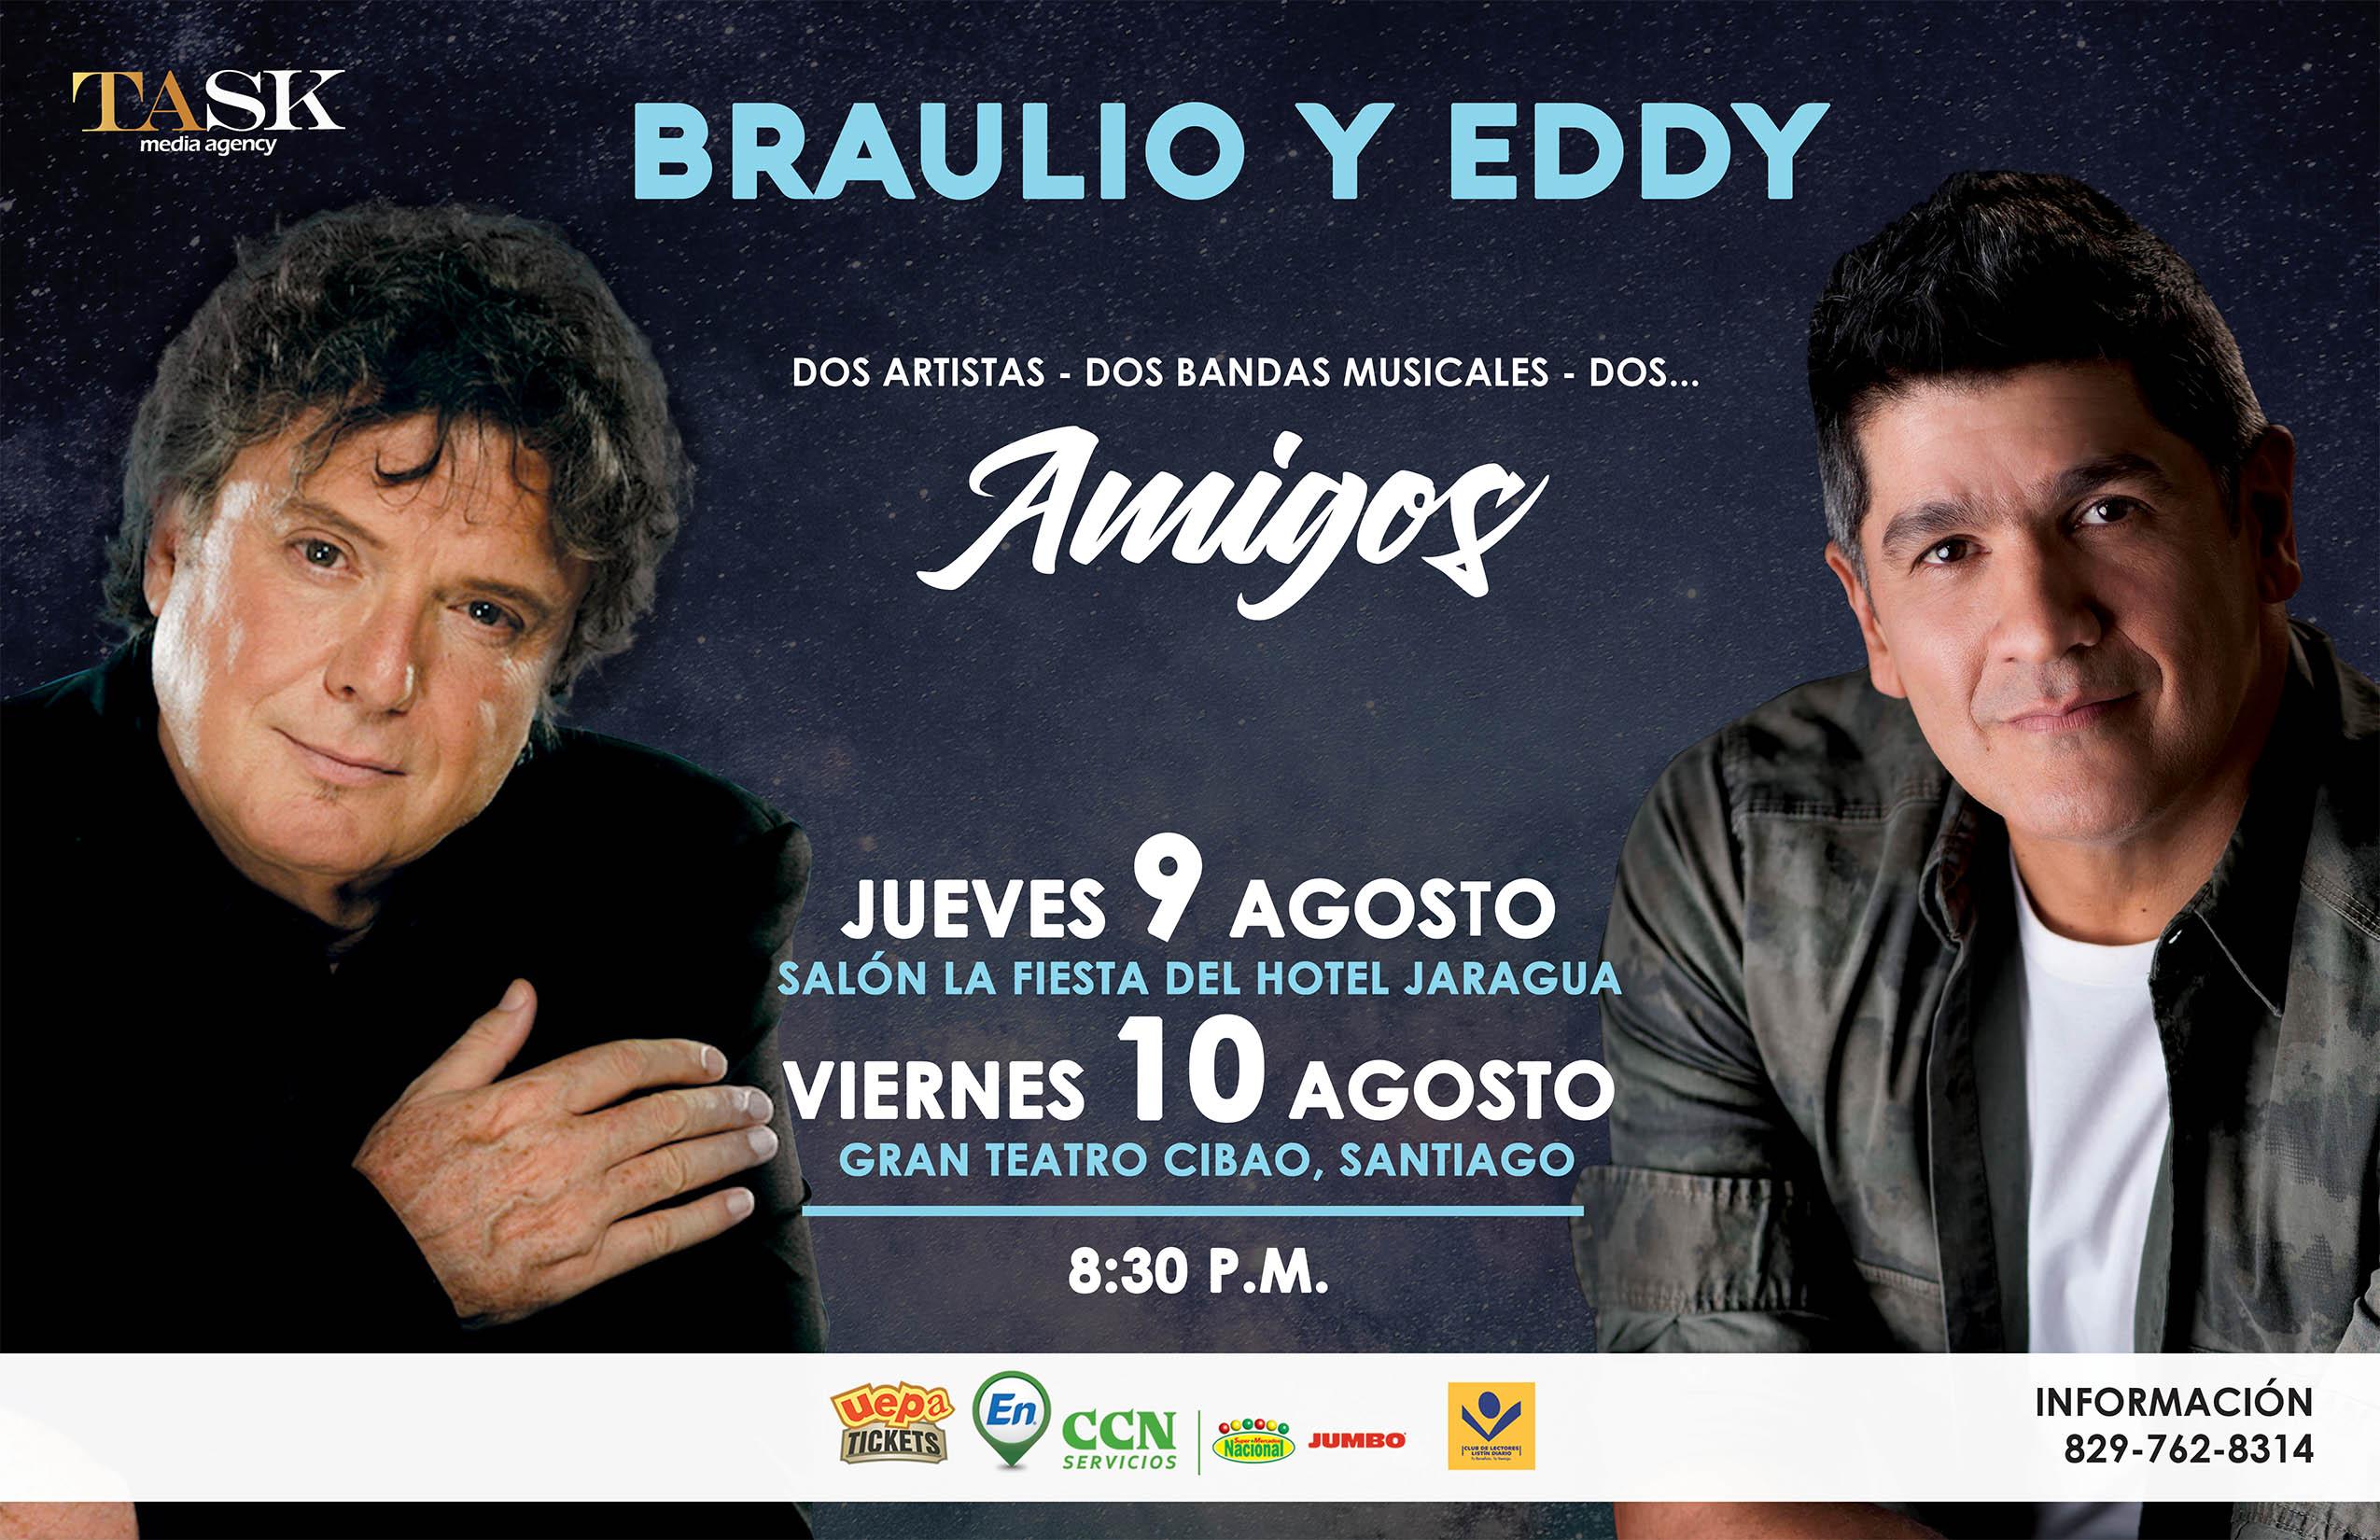 Braulio y Eddy JUNTOS